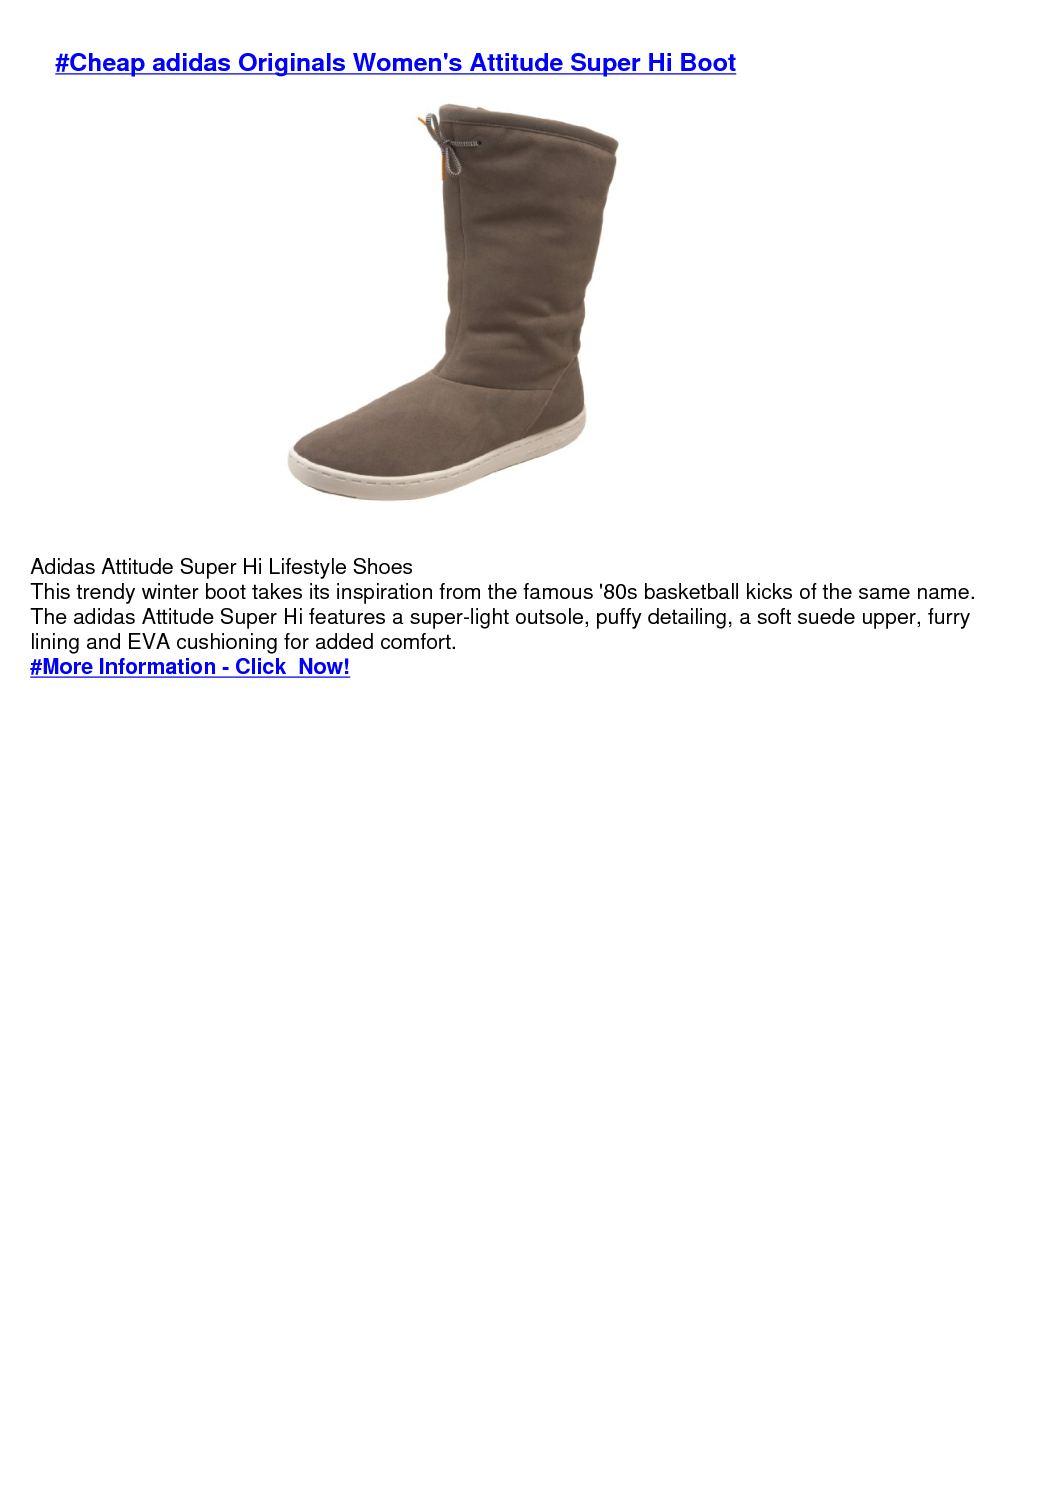 new style 1d583 c27e6 Calaméo - No.1 adidas Originals Women's Attitude Super Hi Boot women s  steel toe work boots-brahma work boots steel toe-red wing steel toe work  boot-steel ...